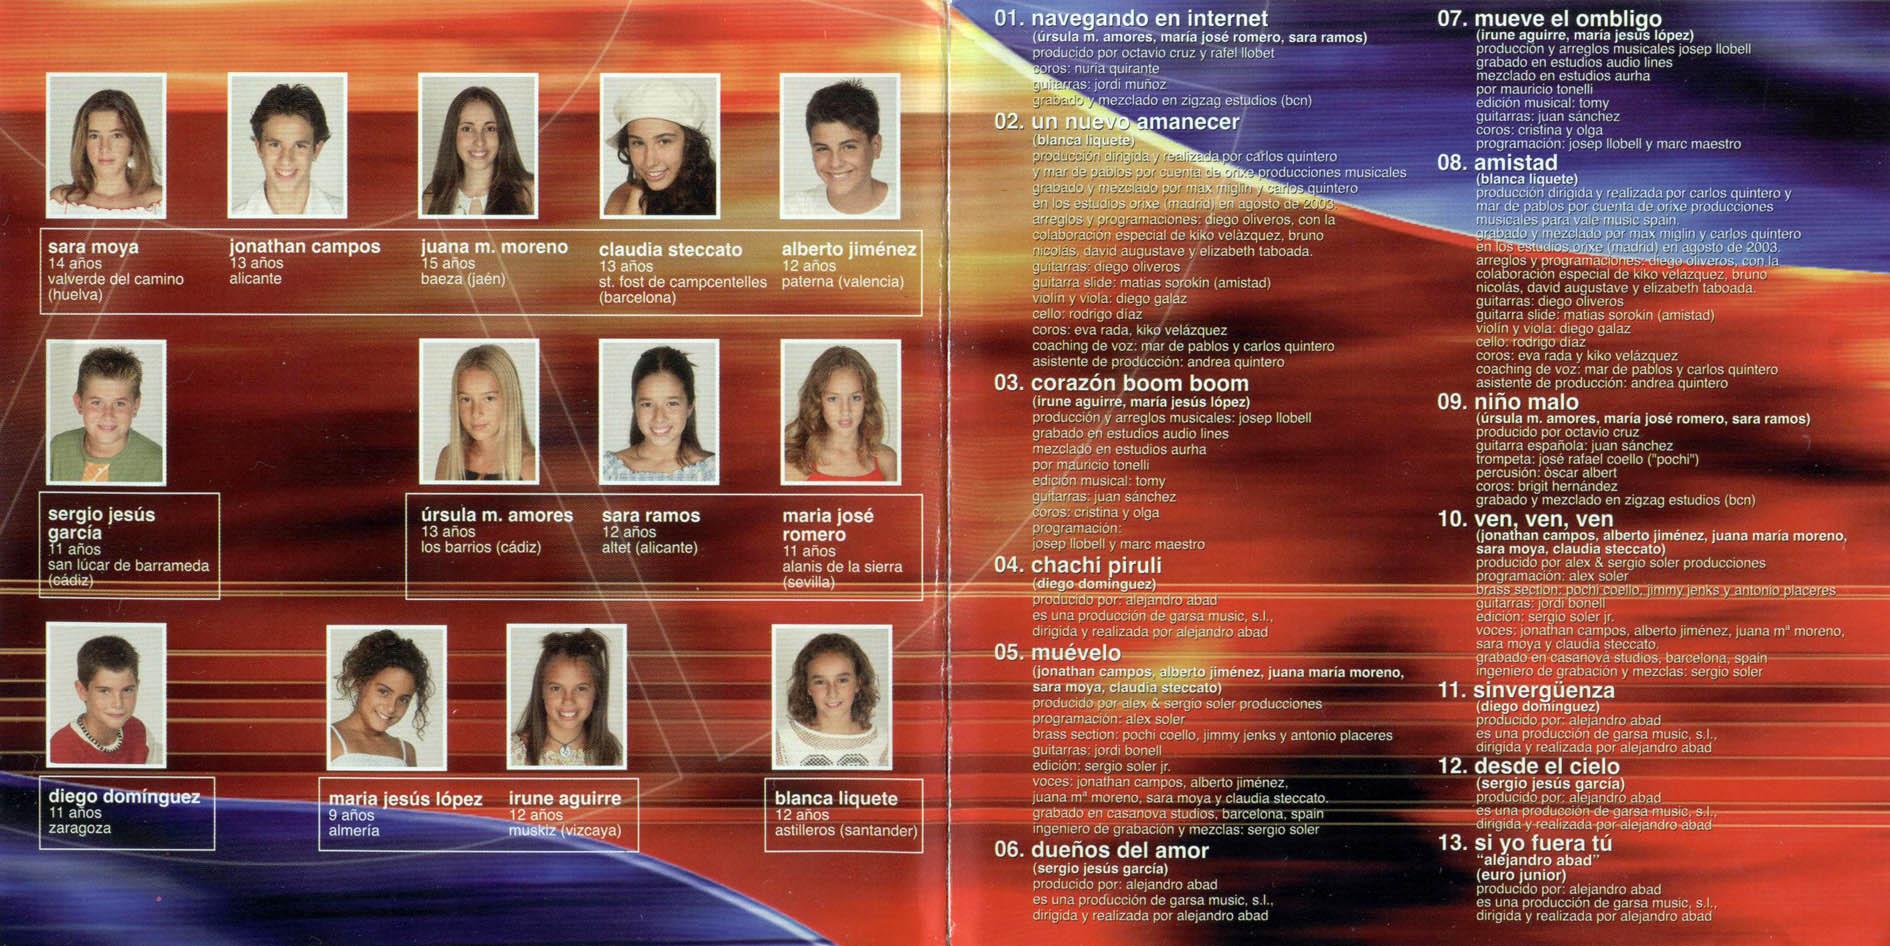 евровидение 2004 победитель 1 место песня слушать